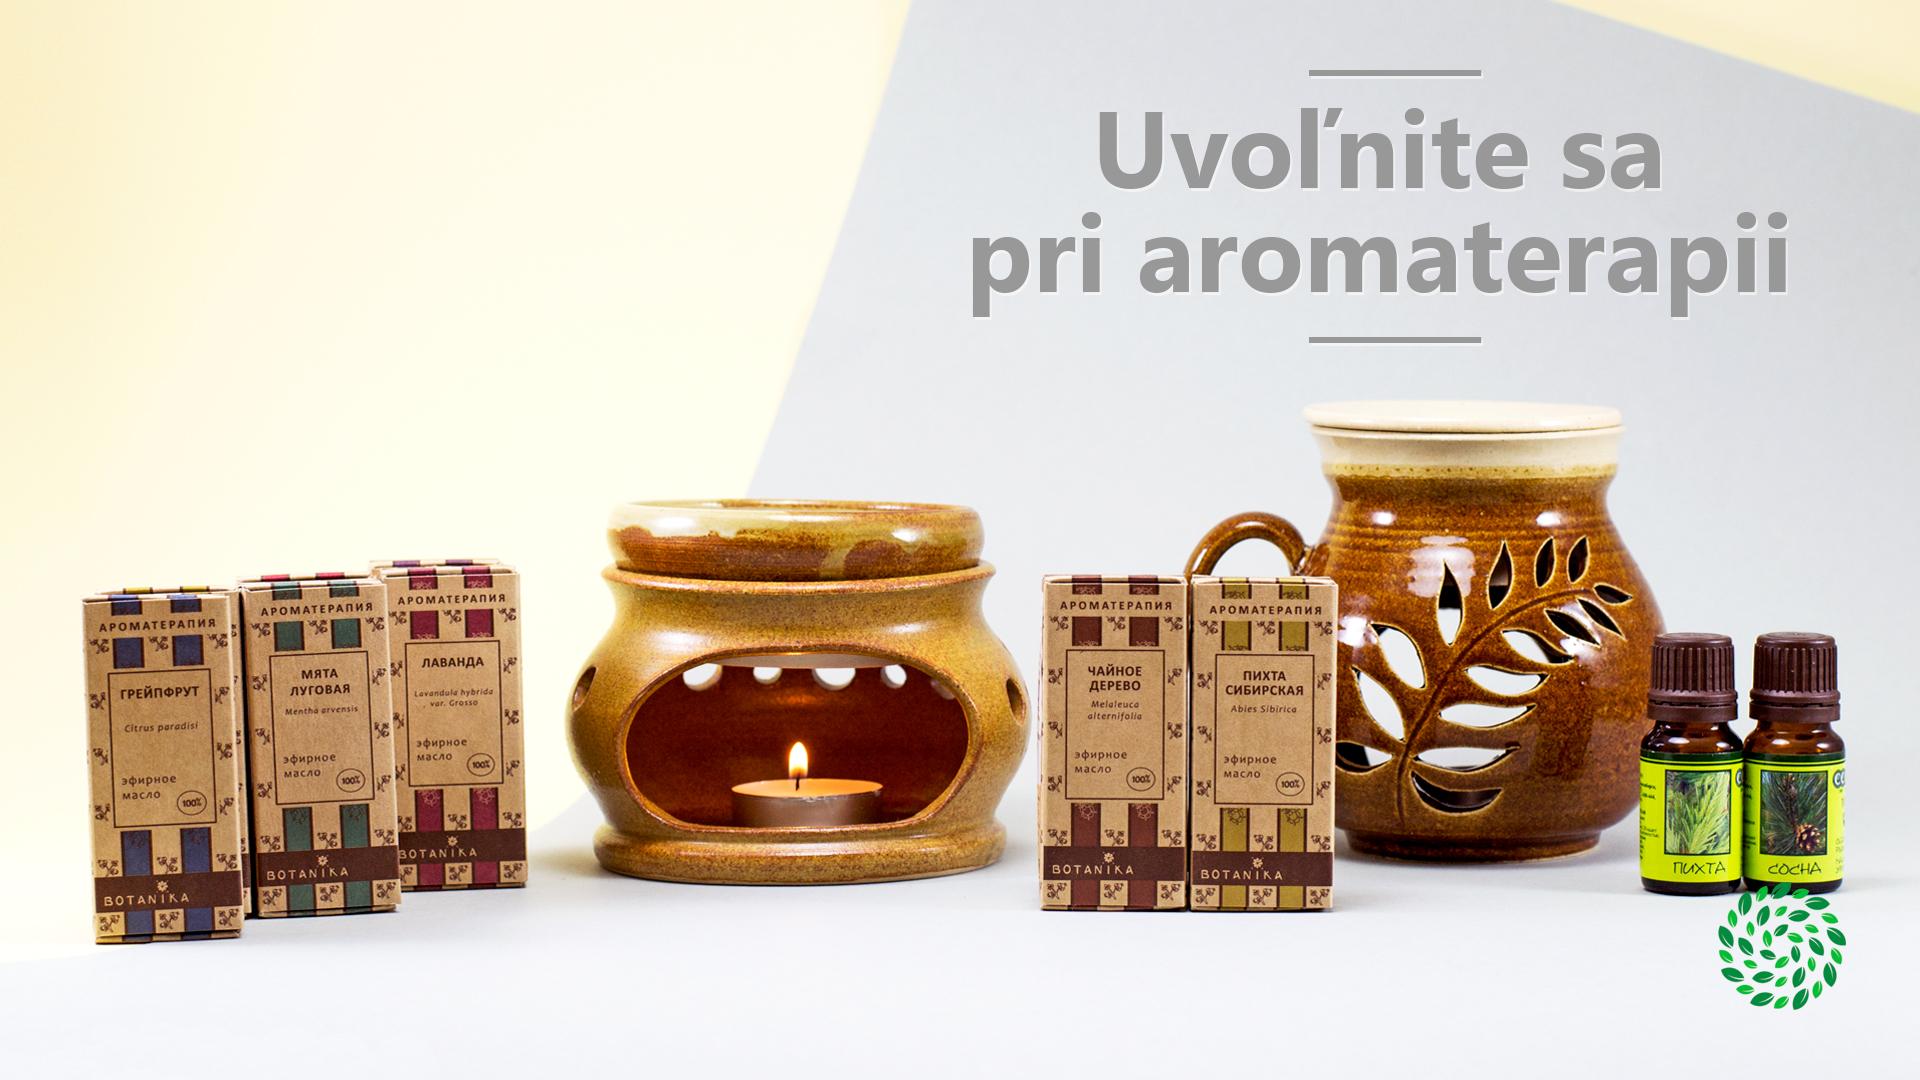 Uvoľnite sa pri aromaterapii